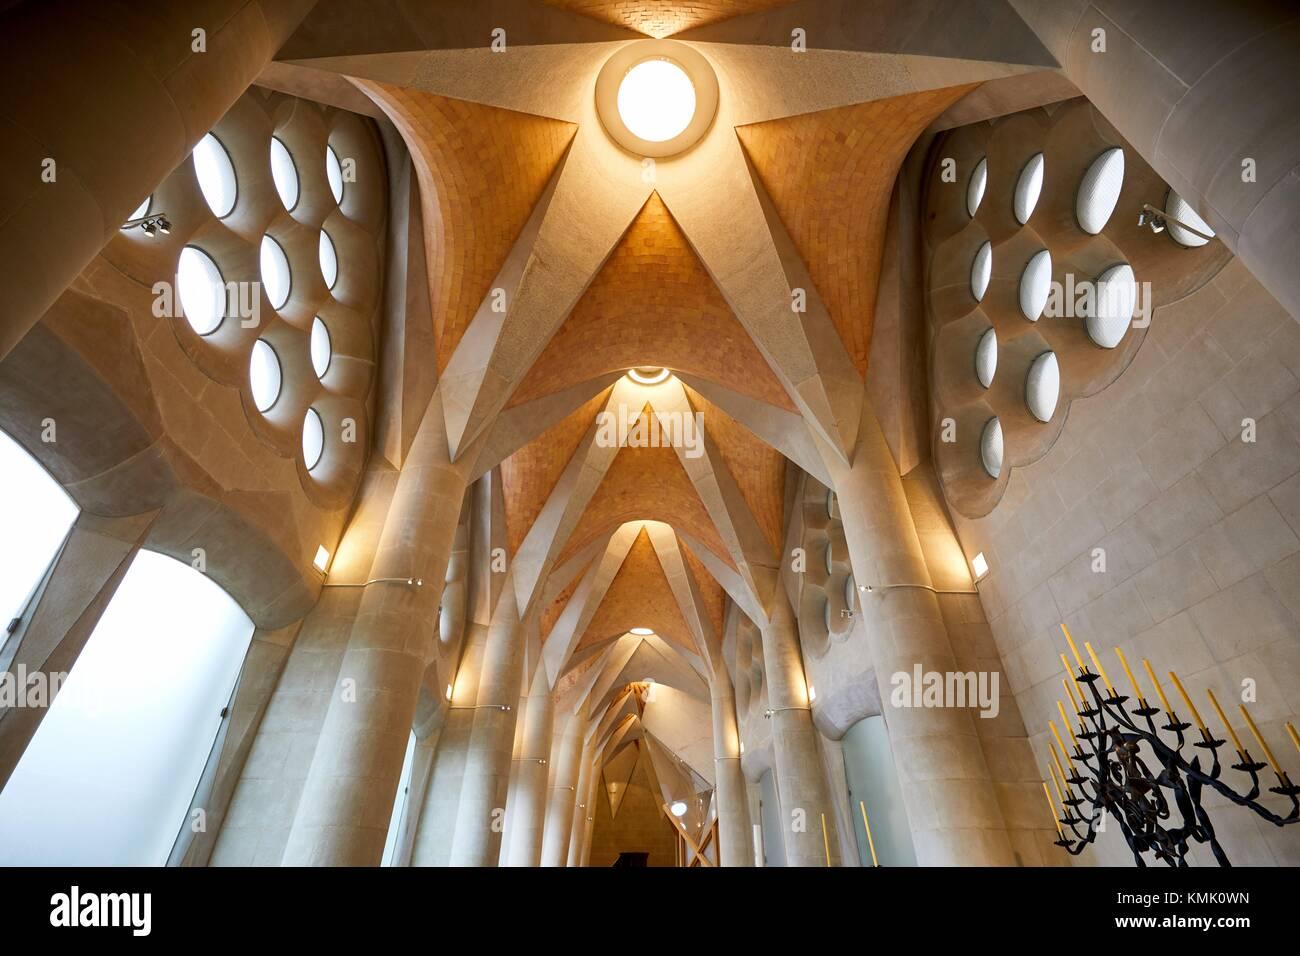 Sakristei, La Sagrada Familia, von dem Architekten Antoni Gaudi, Eixample, Barcelona, Katalonien, Spanien Stockbild